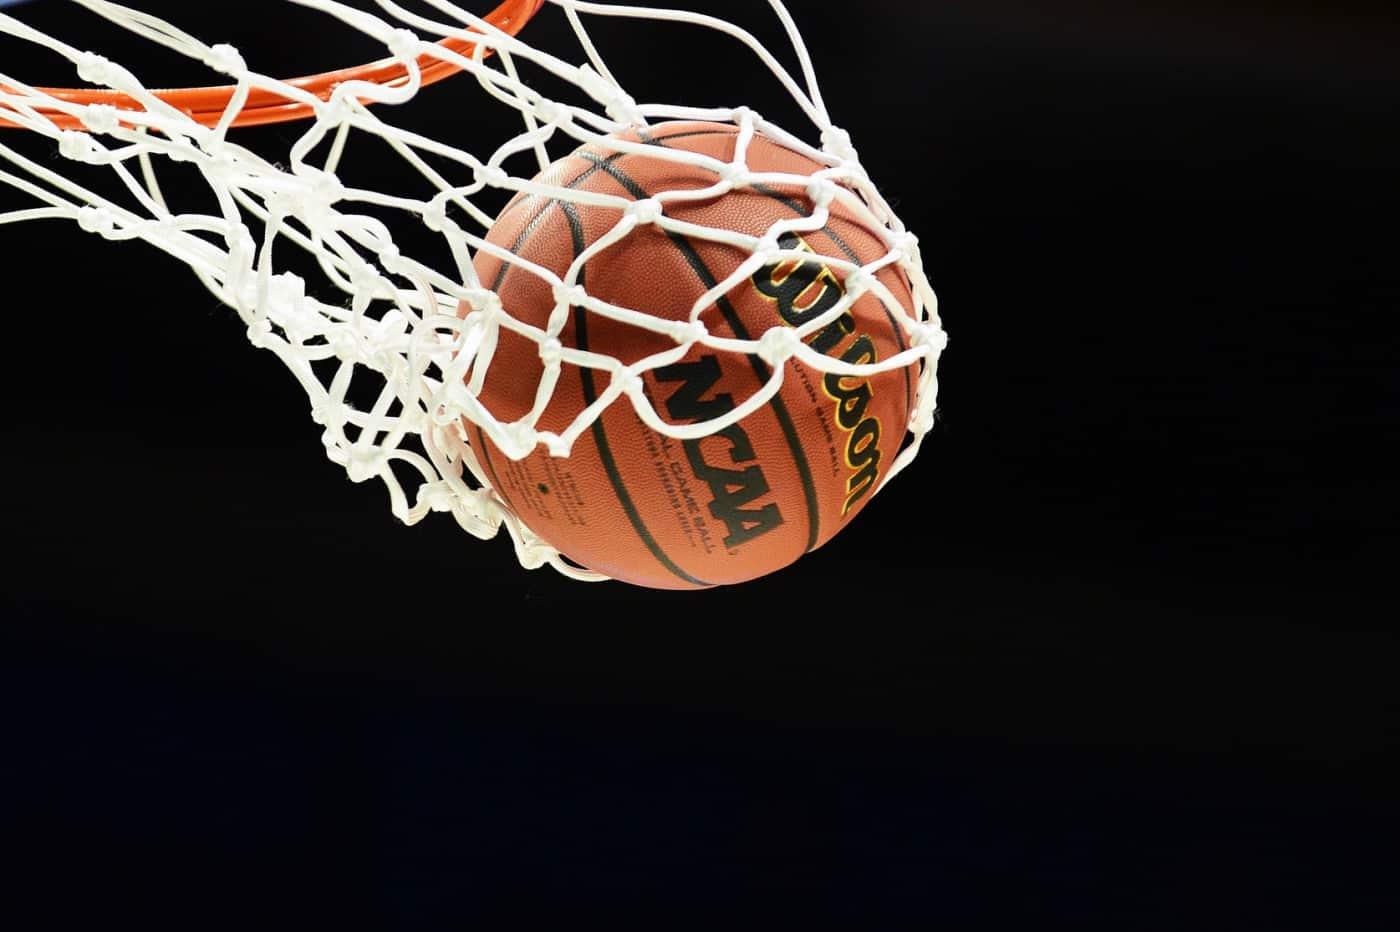 Memilih-Bahan-Dasar-Bola-Basket